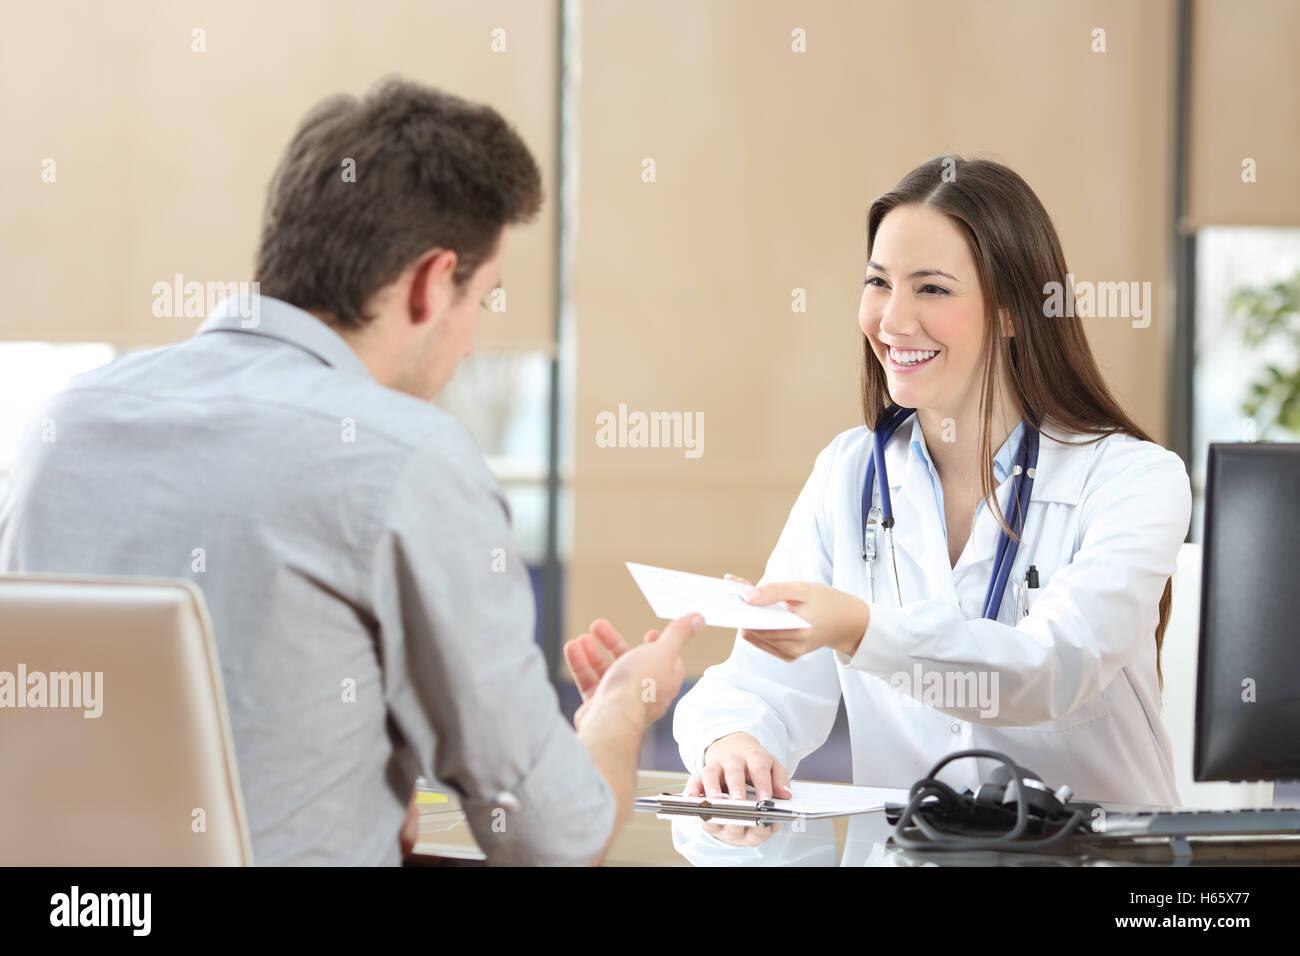 Femme médecin heureux de donner une ordonnance à son patient à une consultation. Banque D'Images